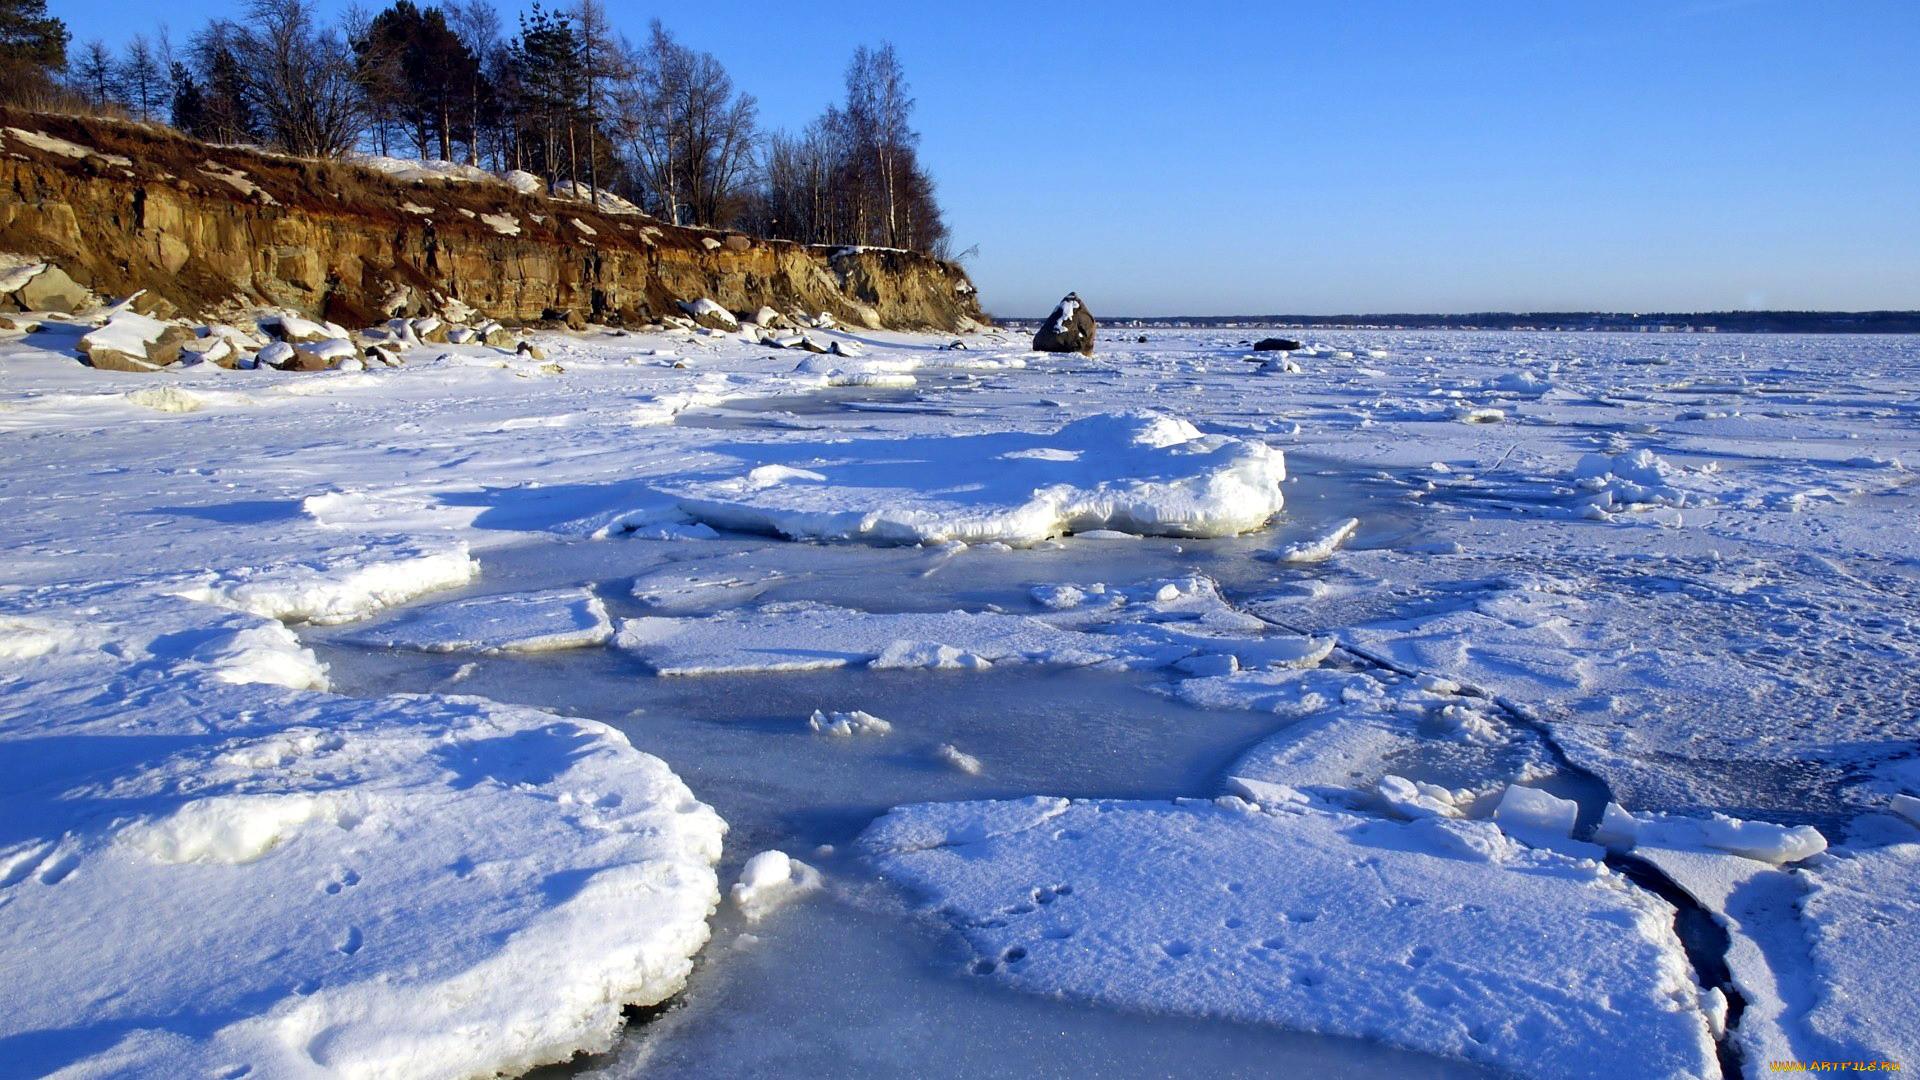 картинки о весеннем льде крутая приятная подборка